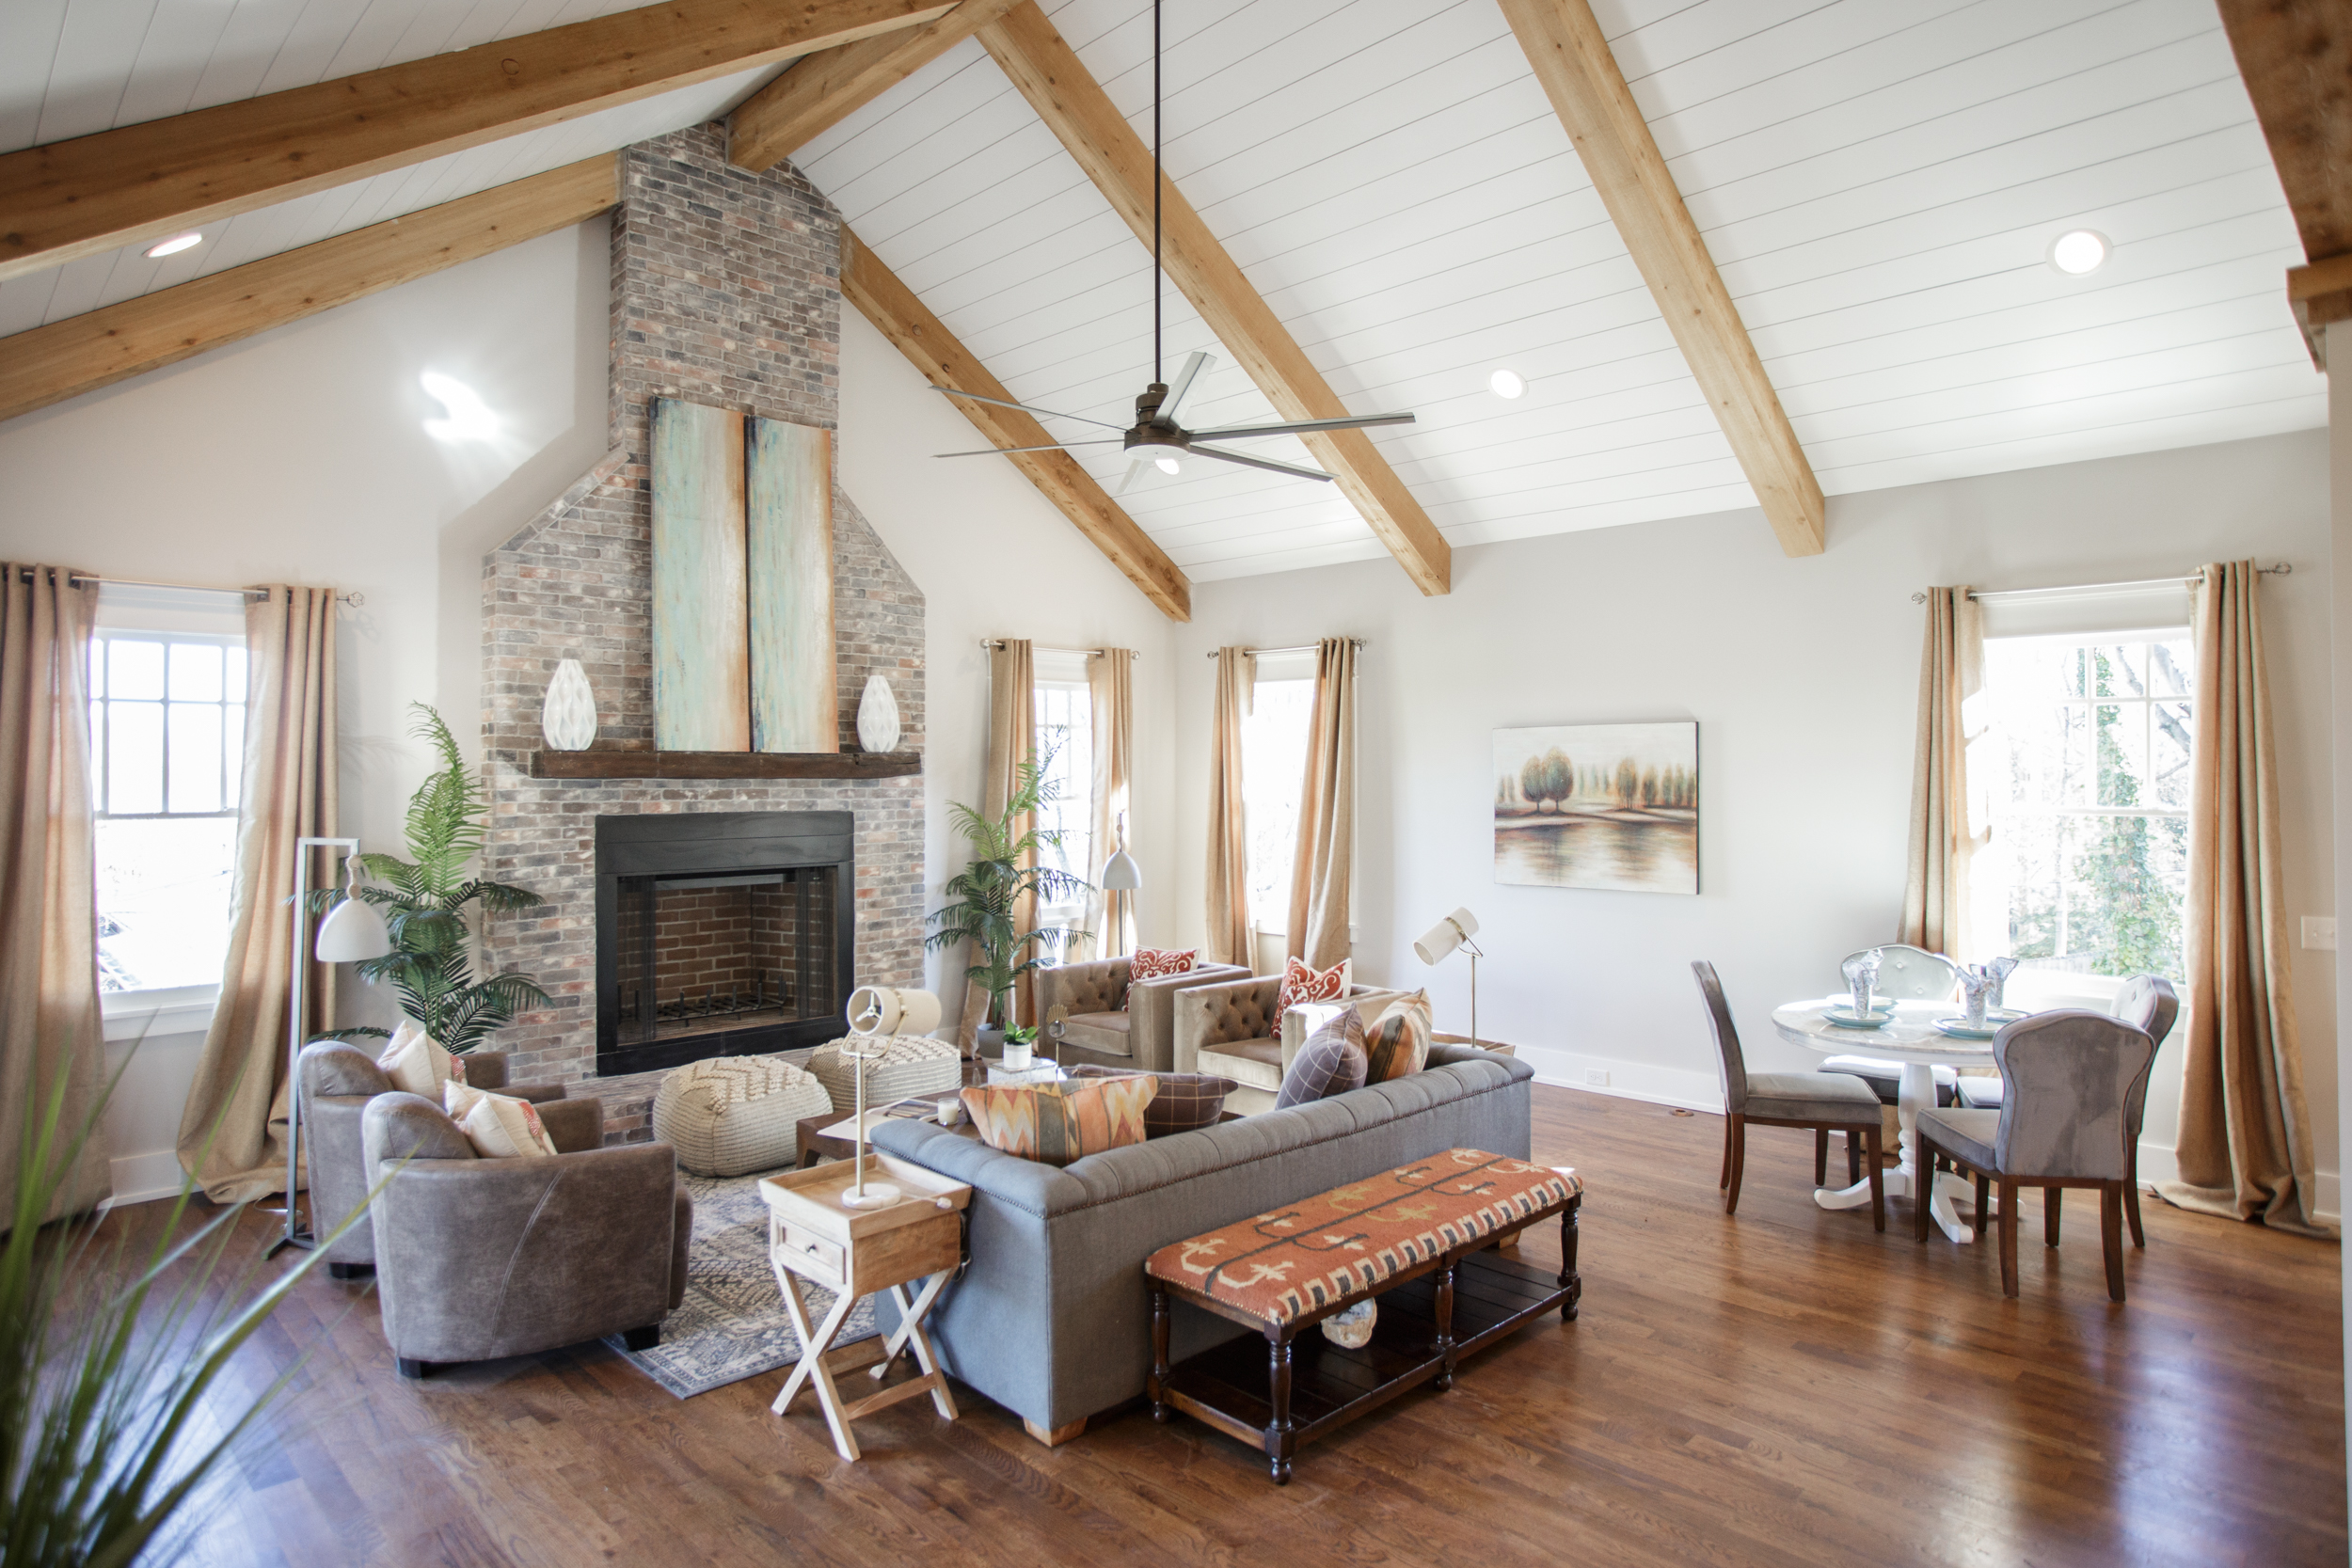 britt-development-group-nashville-tennessee-custom-home-builder-historic-renovation-0601.jpg